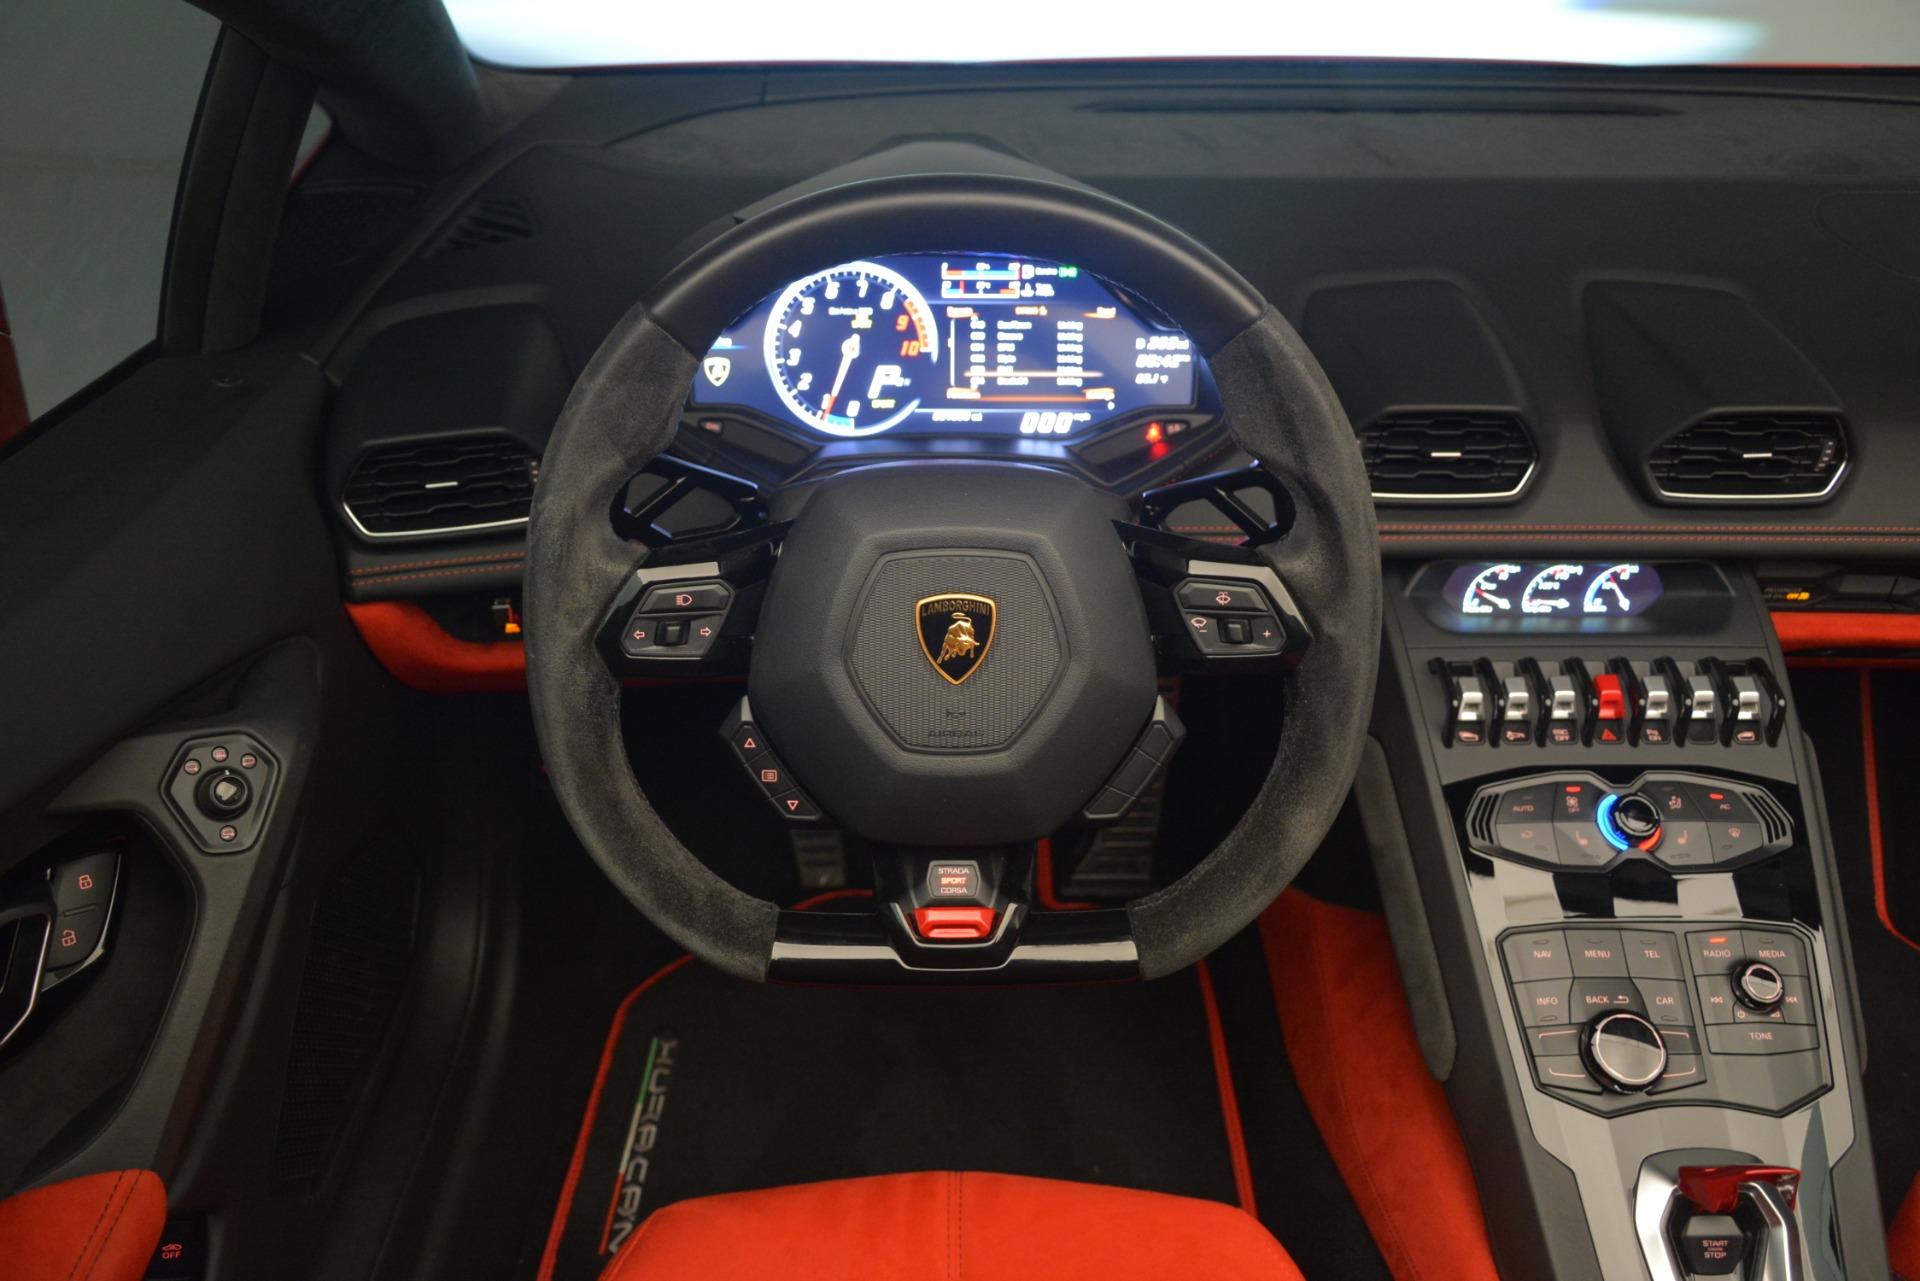 Used 2017 Lamborghini Huracan LP 610-4 Spyder For Sale In Westport, CT 3270_p20